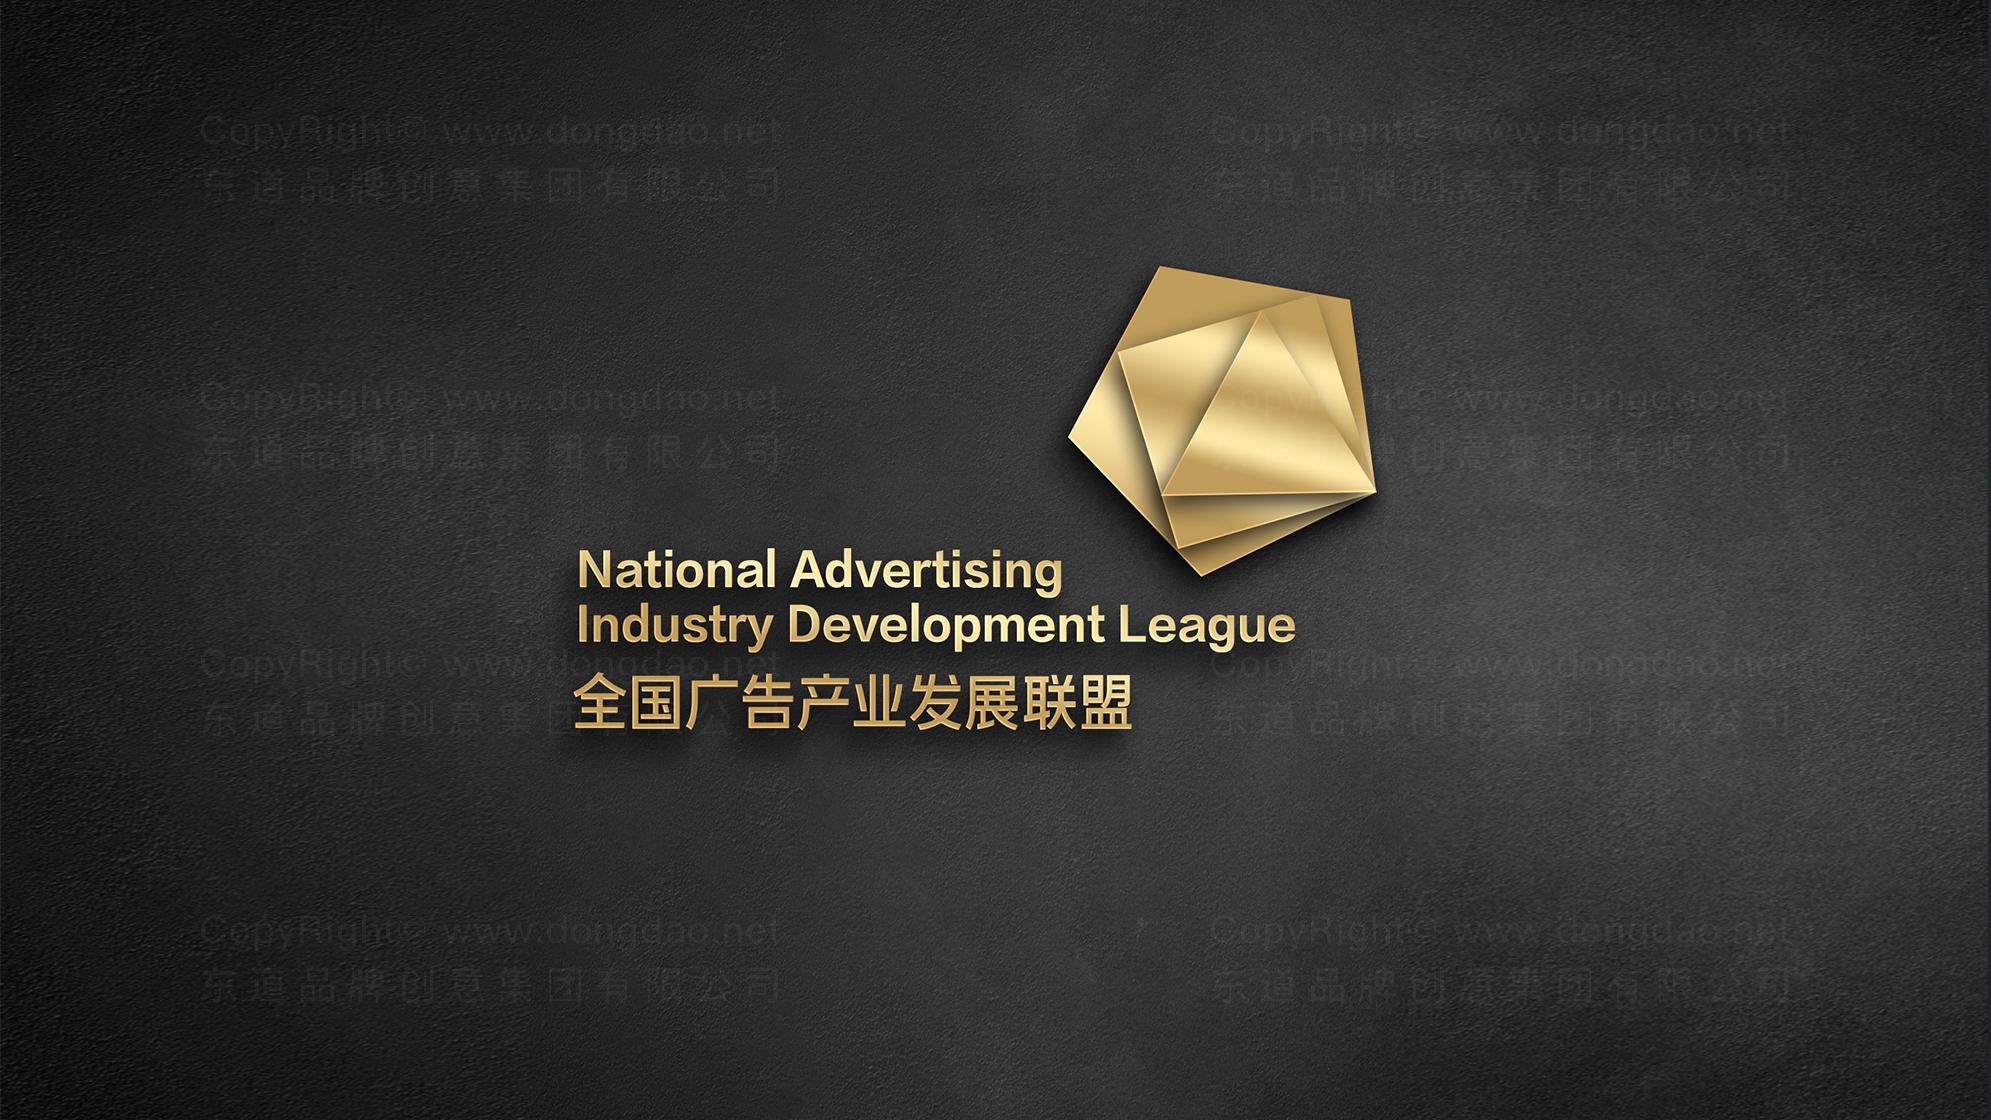 品牌设计全国广告产业发展联盟LOGO&VI设计应用